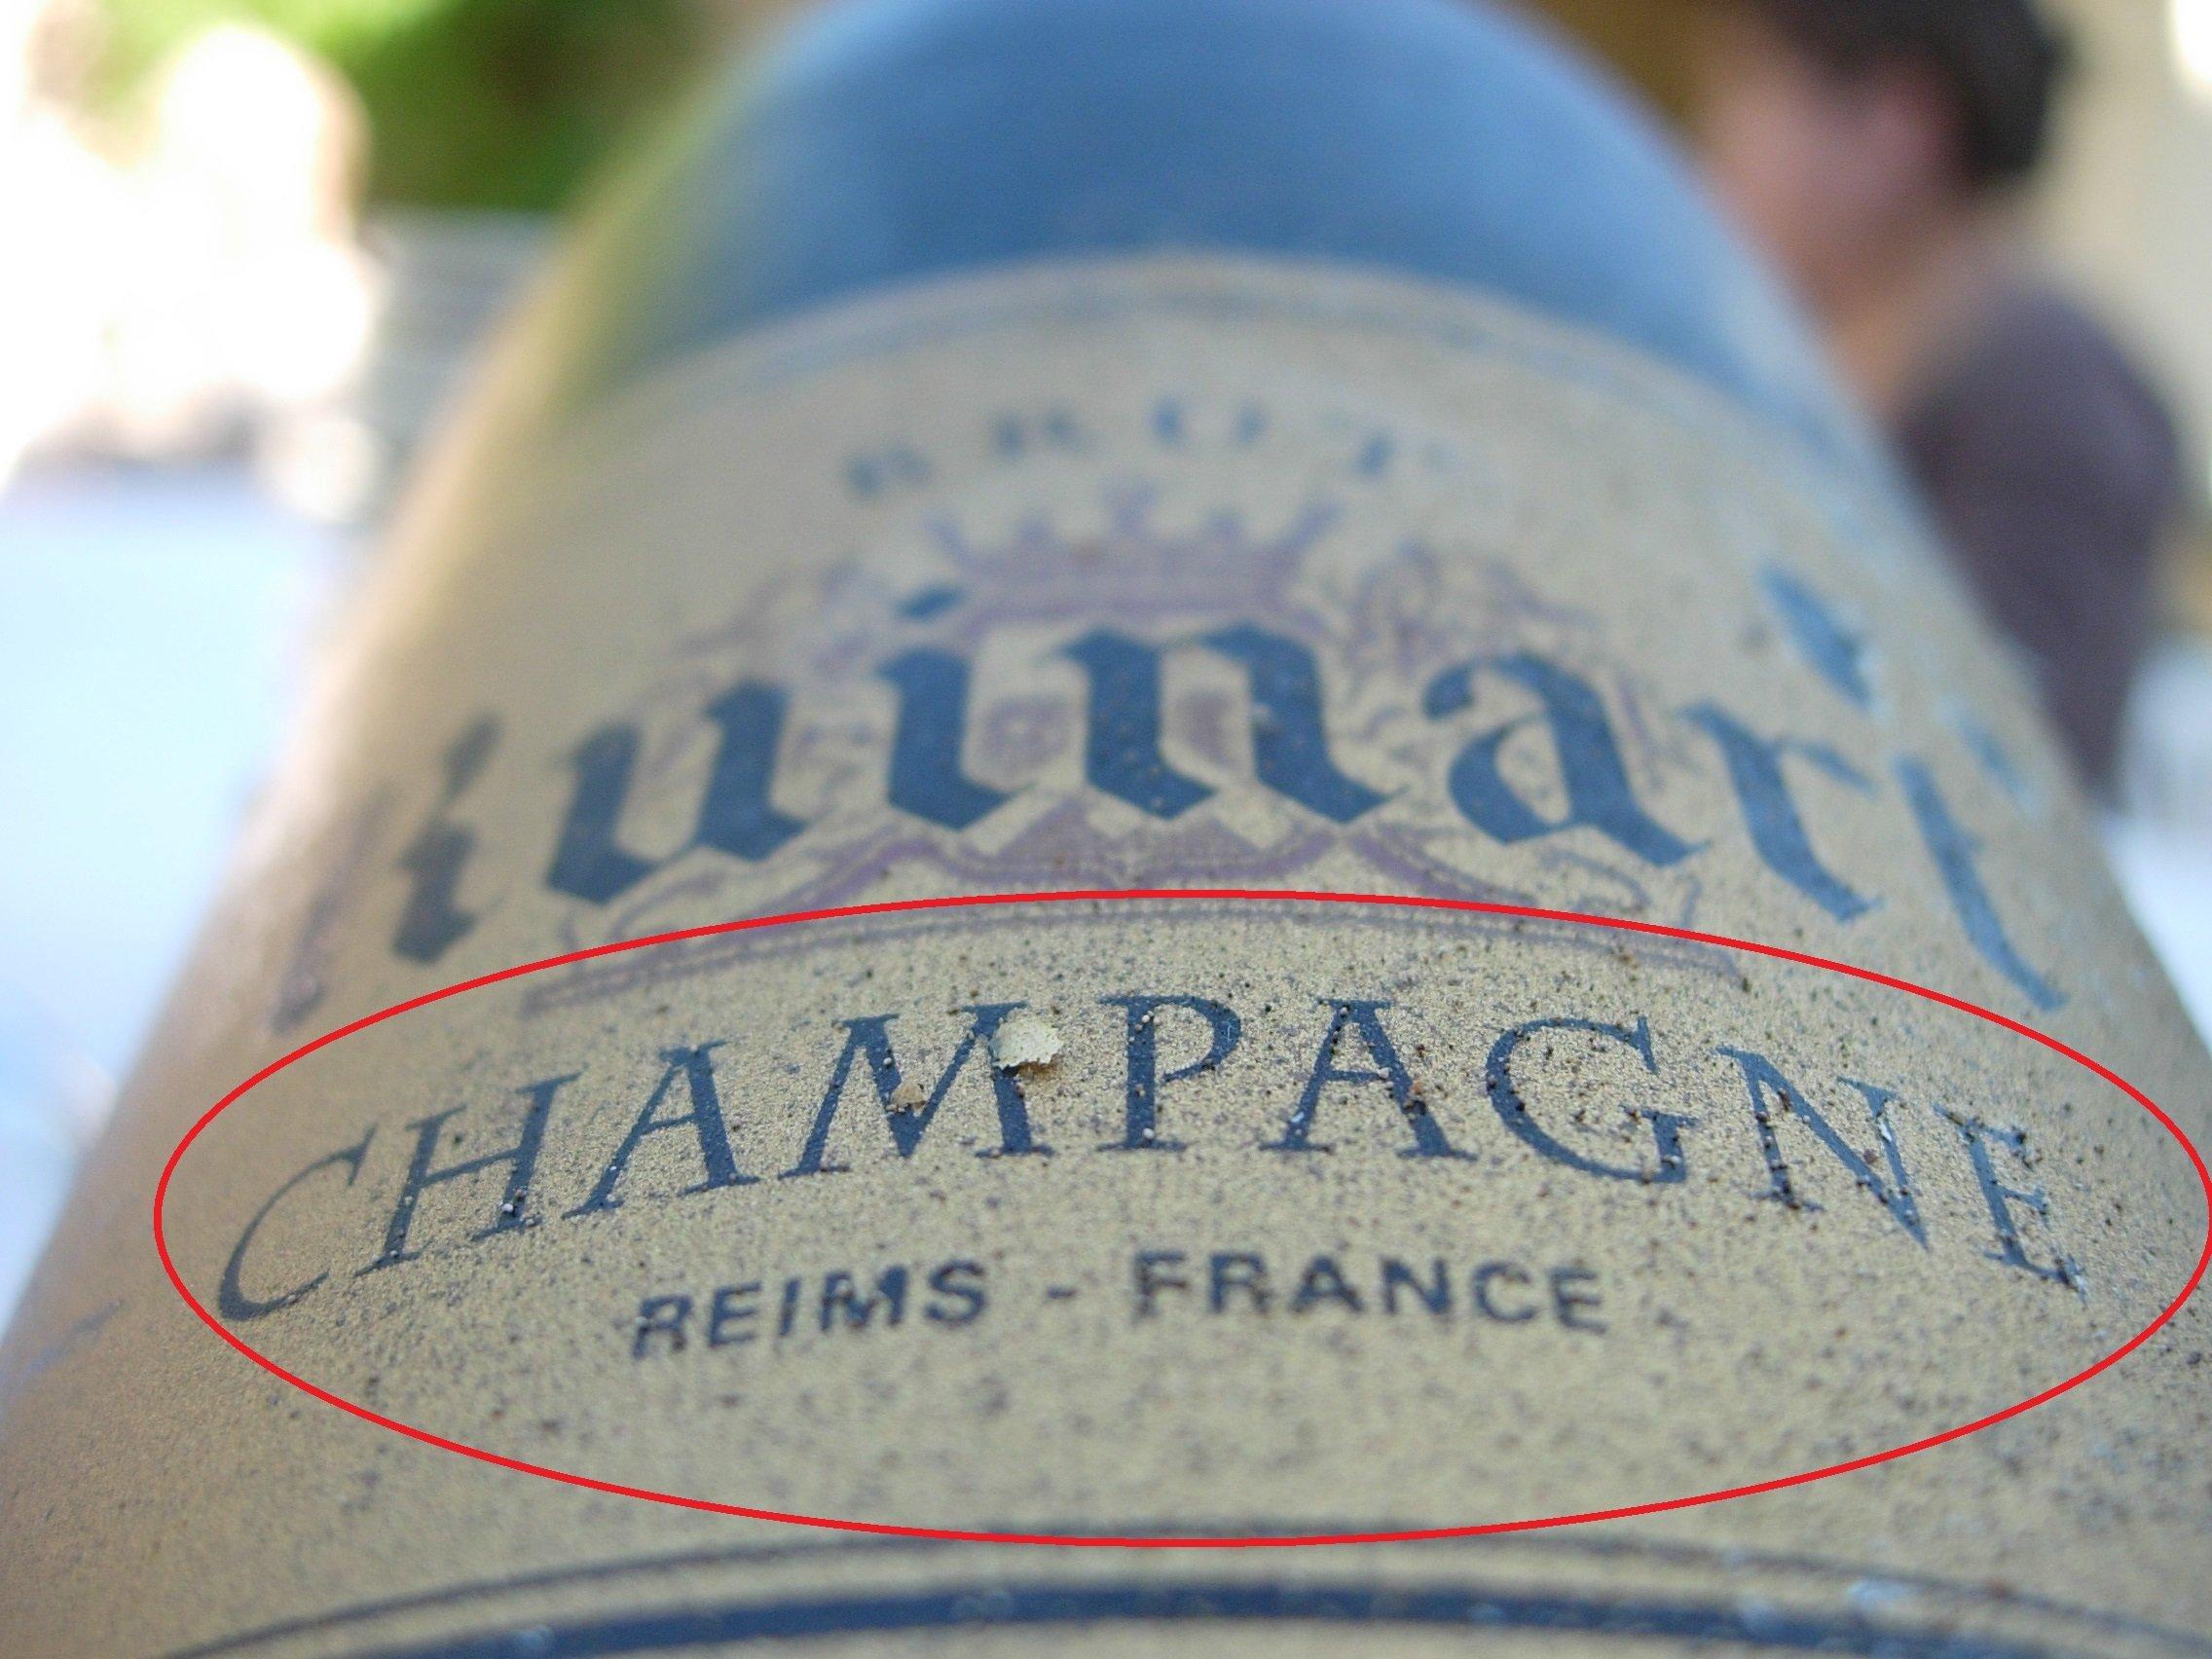 დასახელება Champagne-ის გამოყენება აკრძალულია შამპანის პროვინციის მიღმა დამზადებულ ყველა სასმელზე